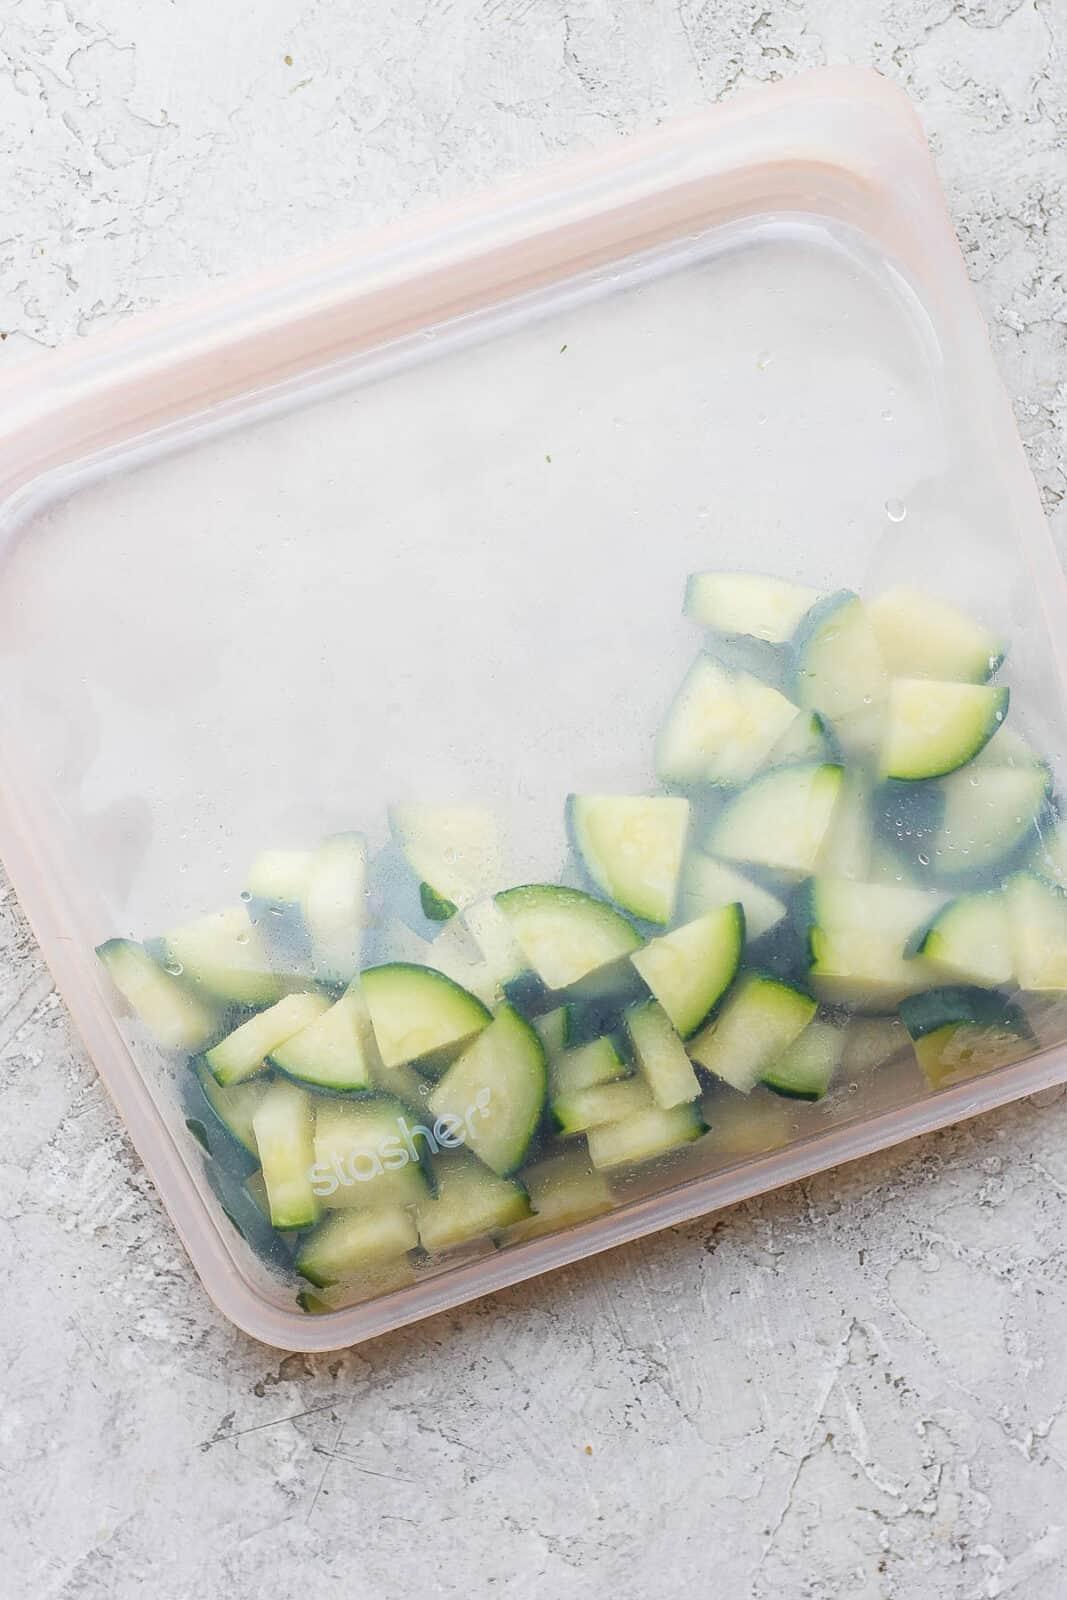 Frozen zucchini quarters in a silicone storage bag.